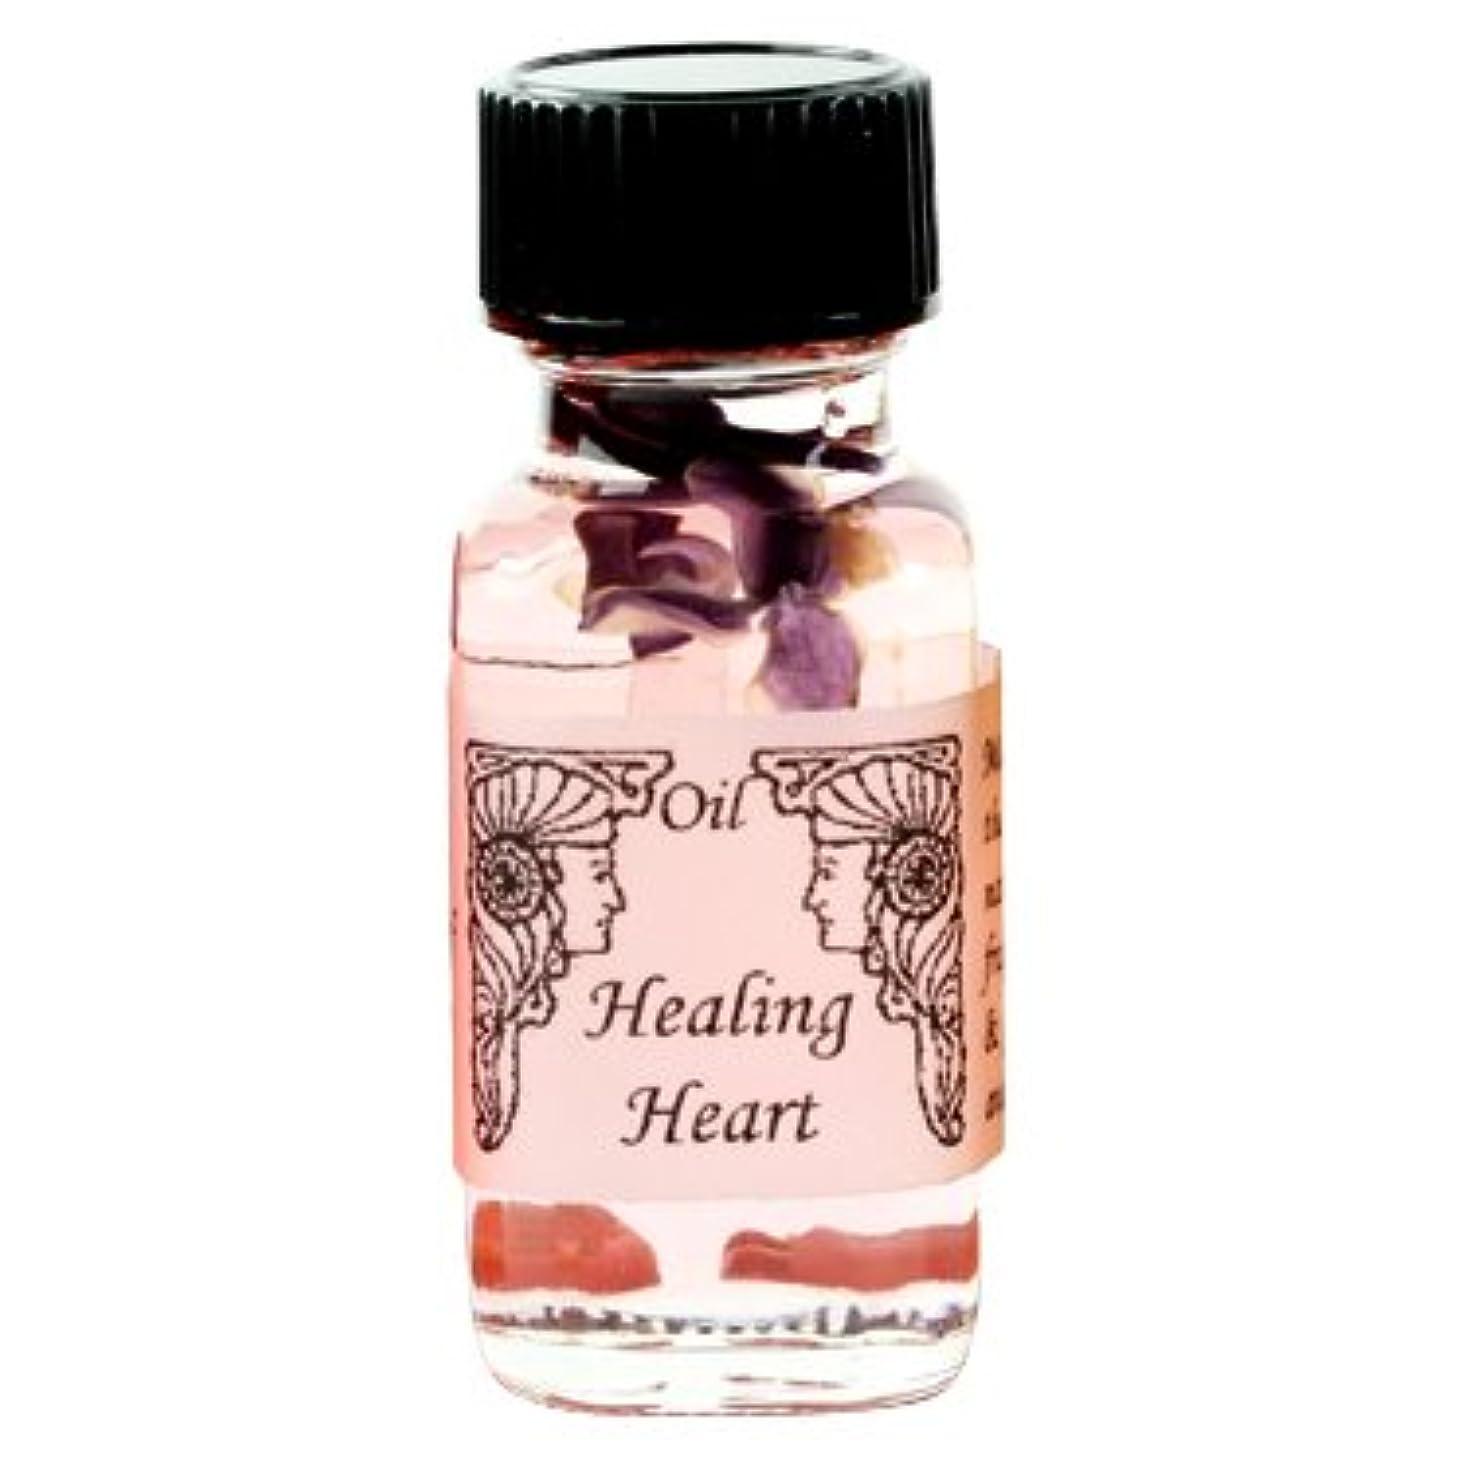 ブラスト暗殺者液体アンシェントメモリーオイル ハートヒーリング Heart Healing 15ml (Ancient Memory Oils)